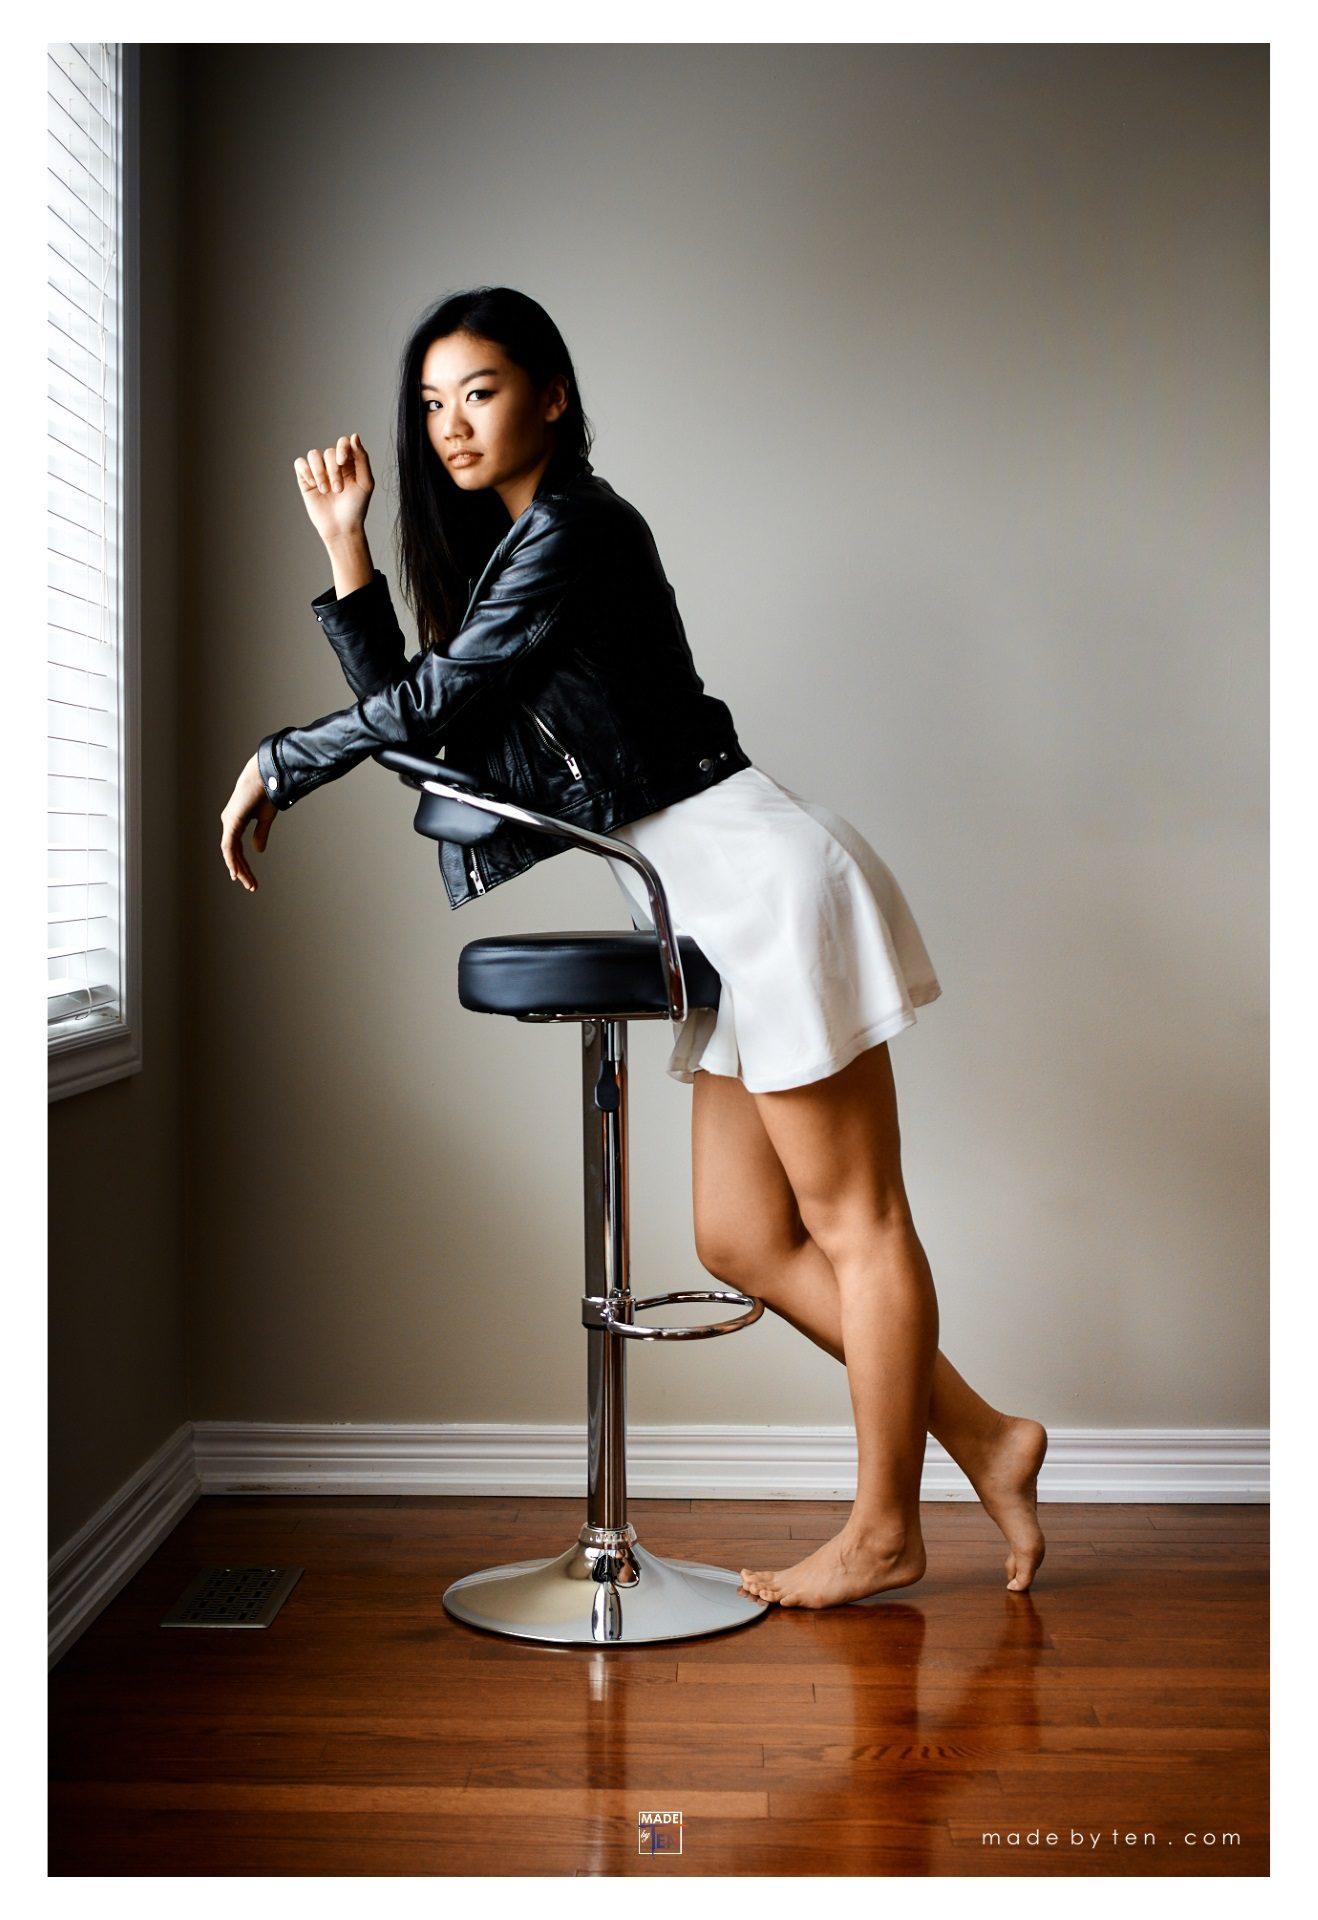 Woman Beautiful Window - GTA Women Lifestyle Photography